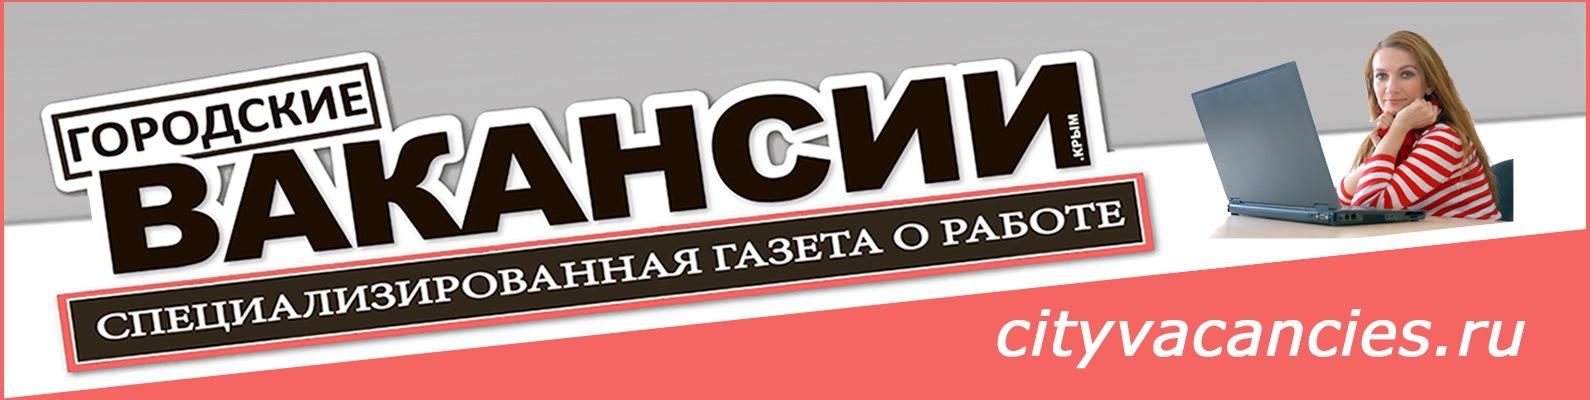 Работа севастополь свежие вакансии 2017 центр занятости учитель по химии частные объявления